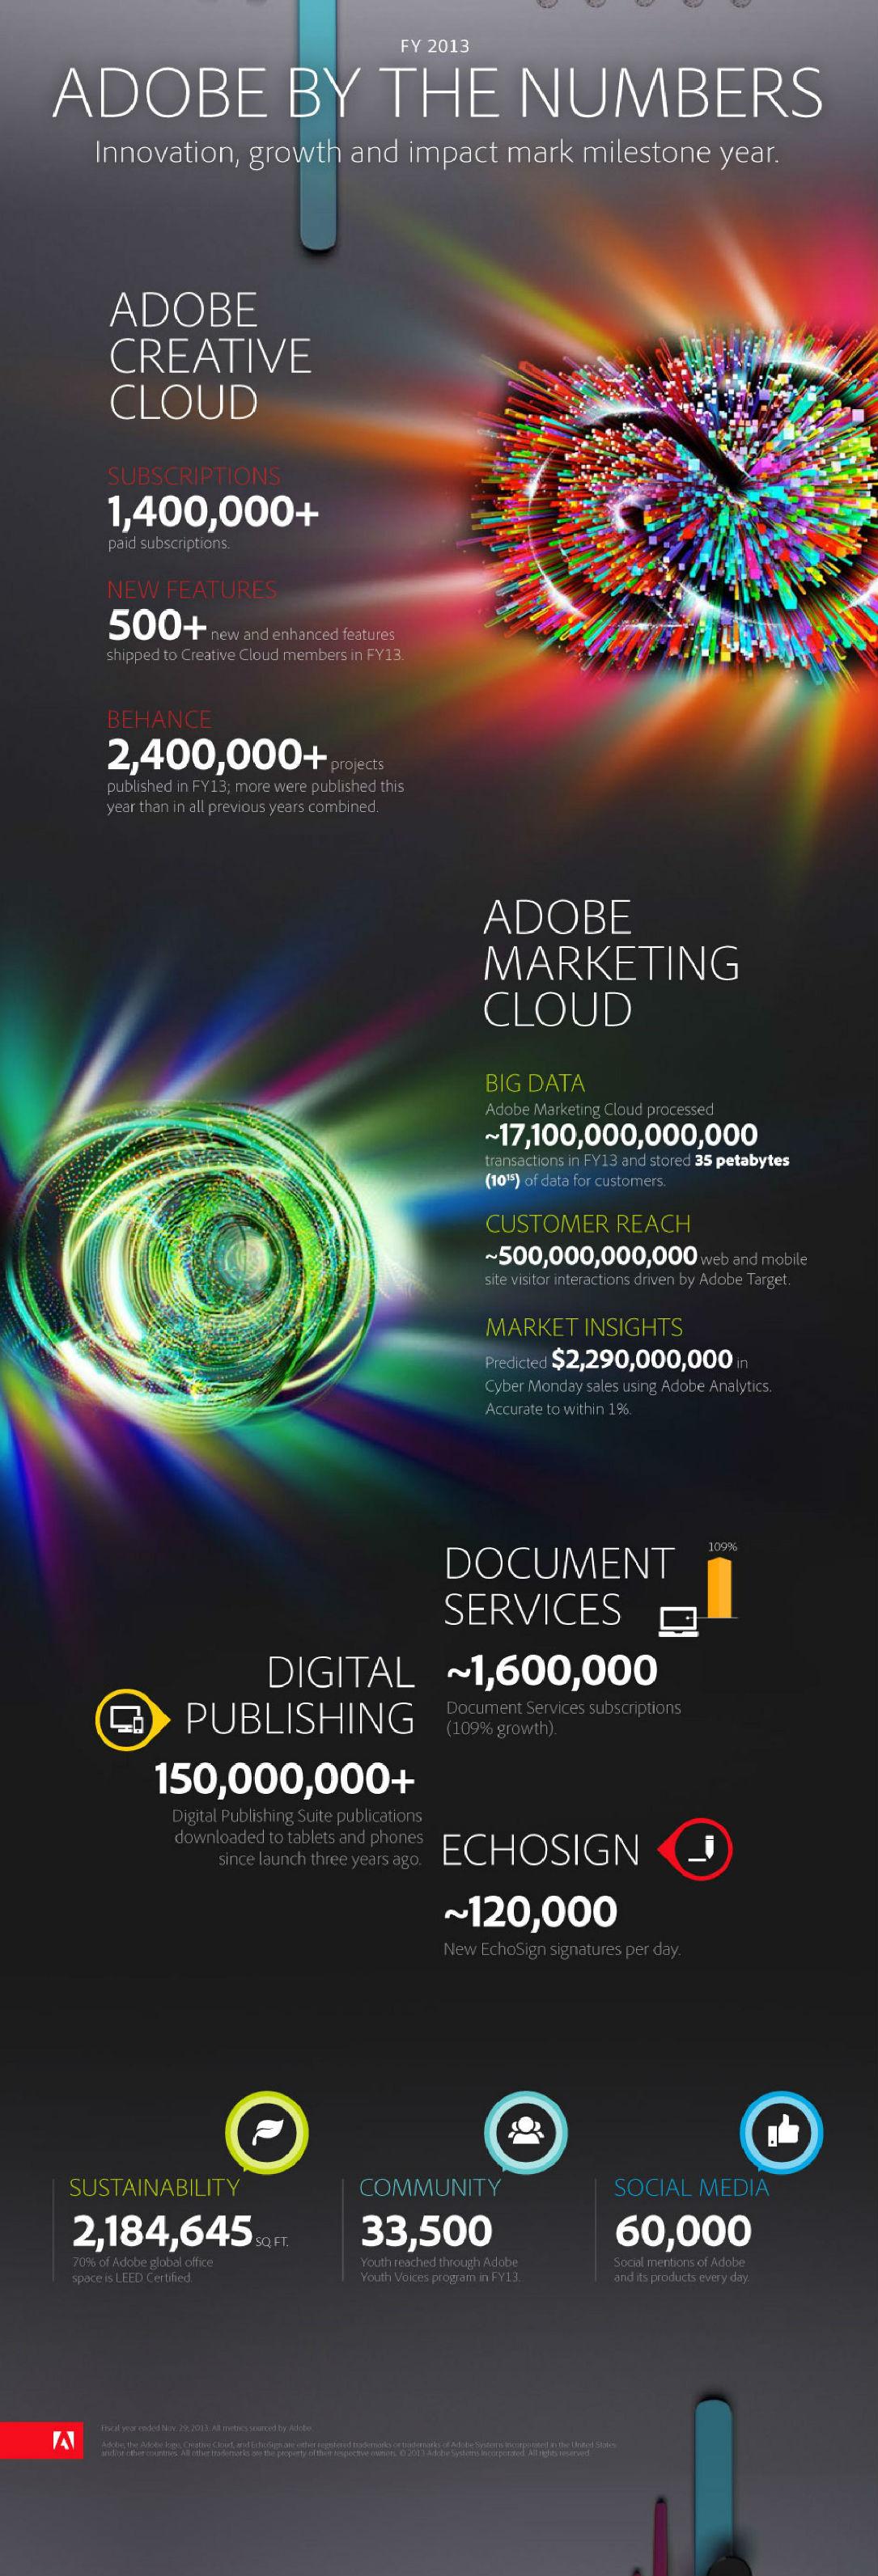 adobe_infographic